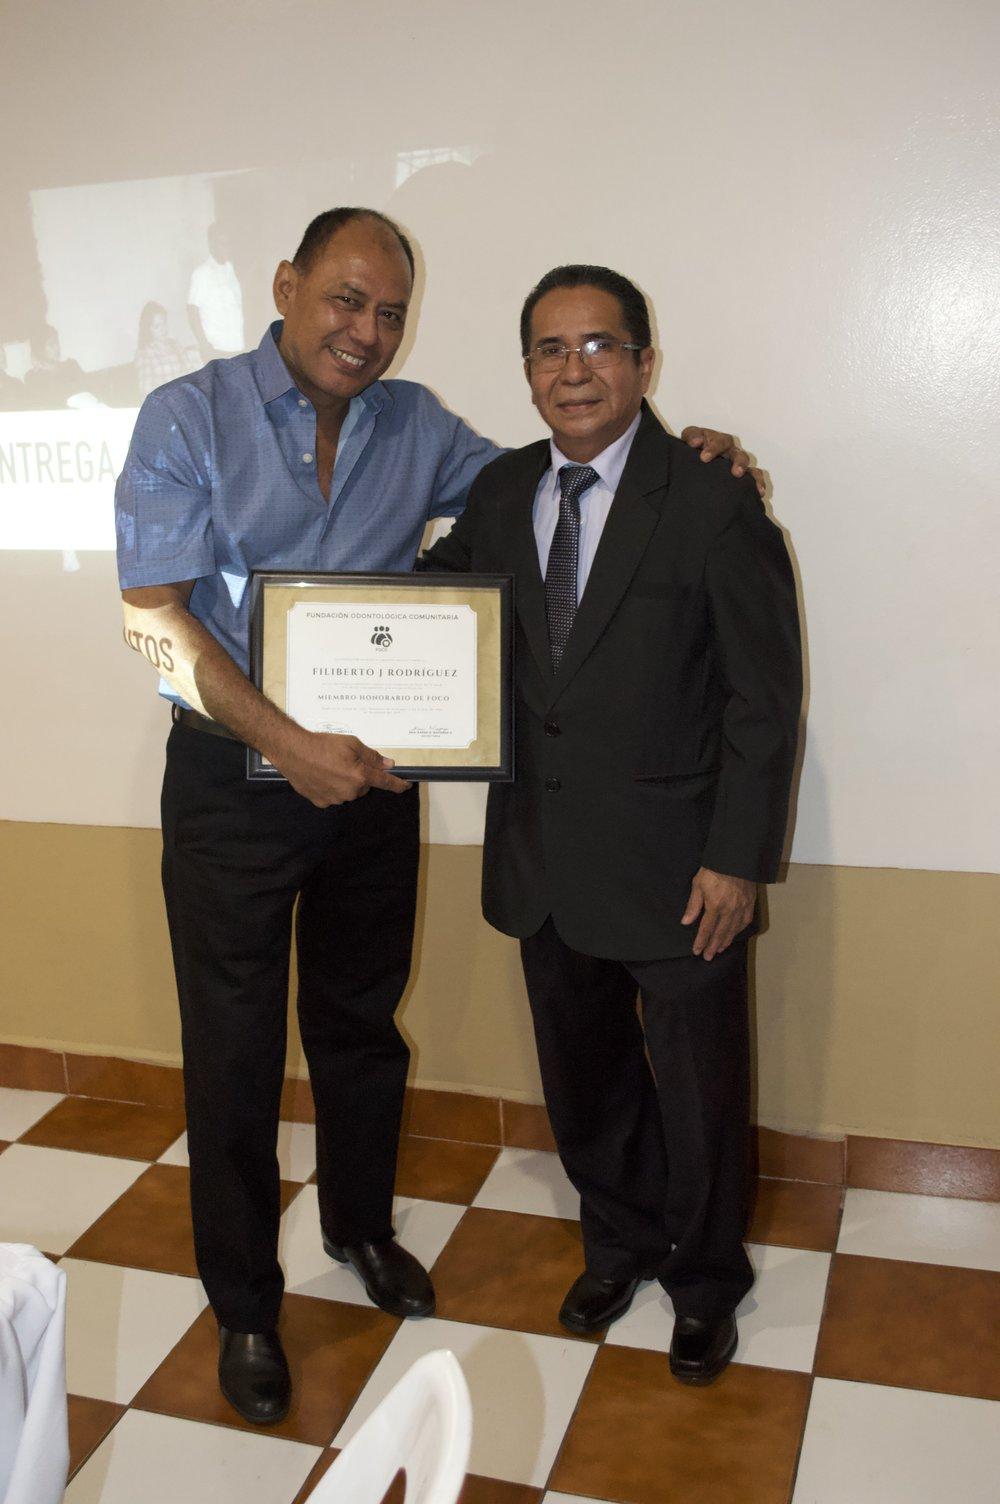 Reconocimiento al Lic. Filiberto Rodríguez   Entregado por el Presidente FOCO